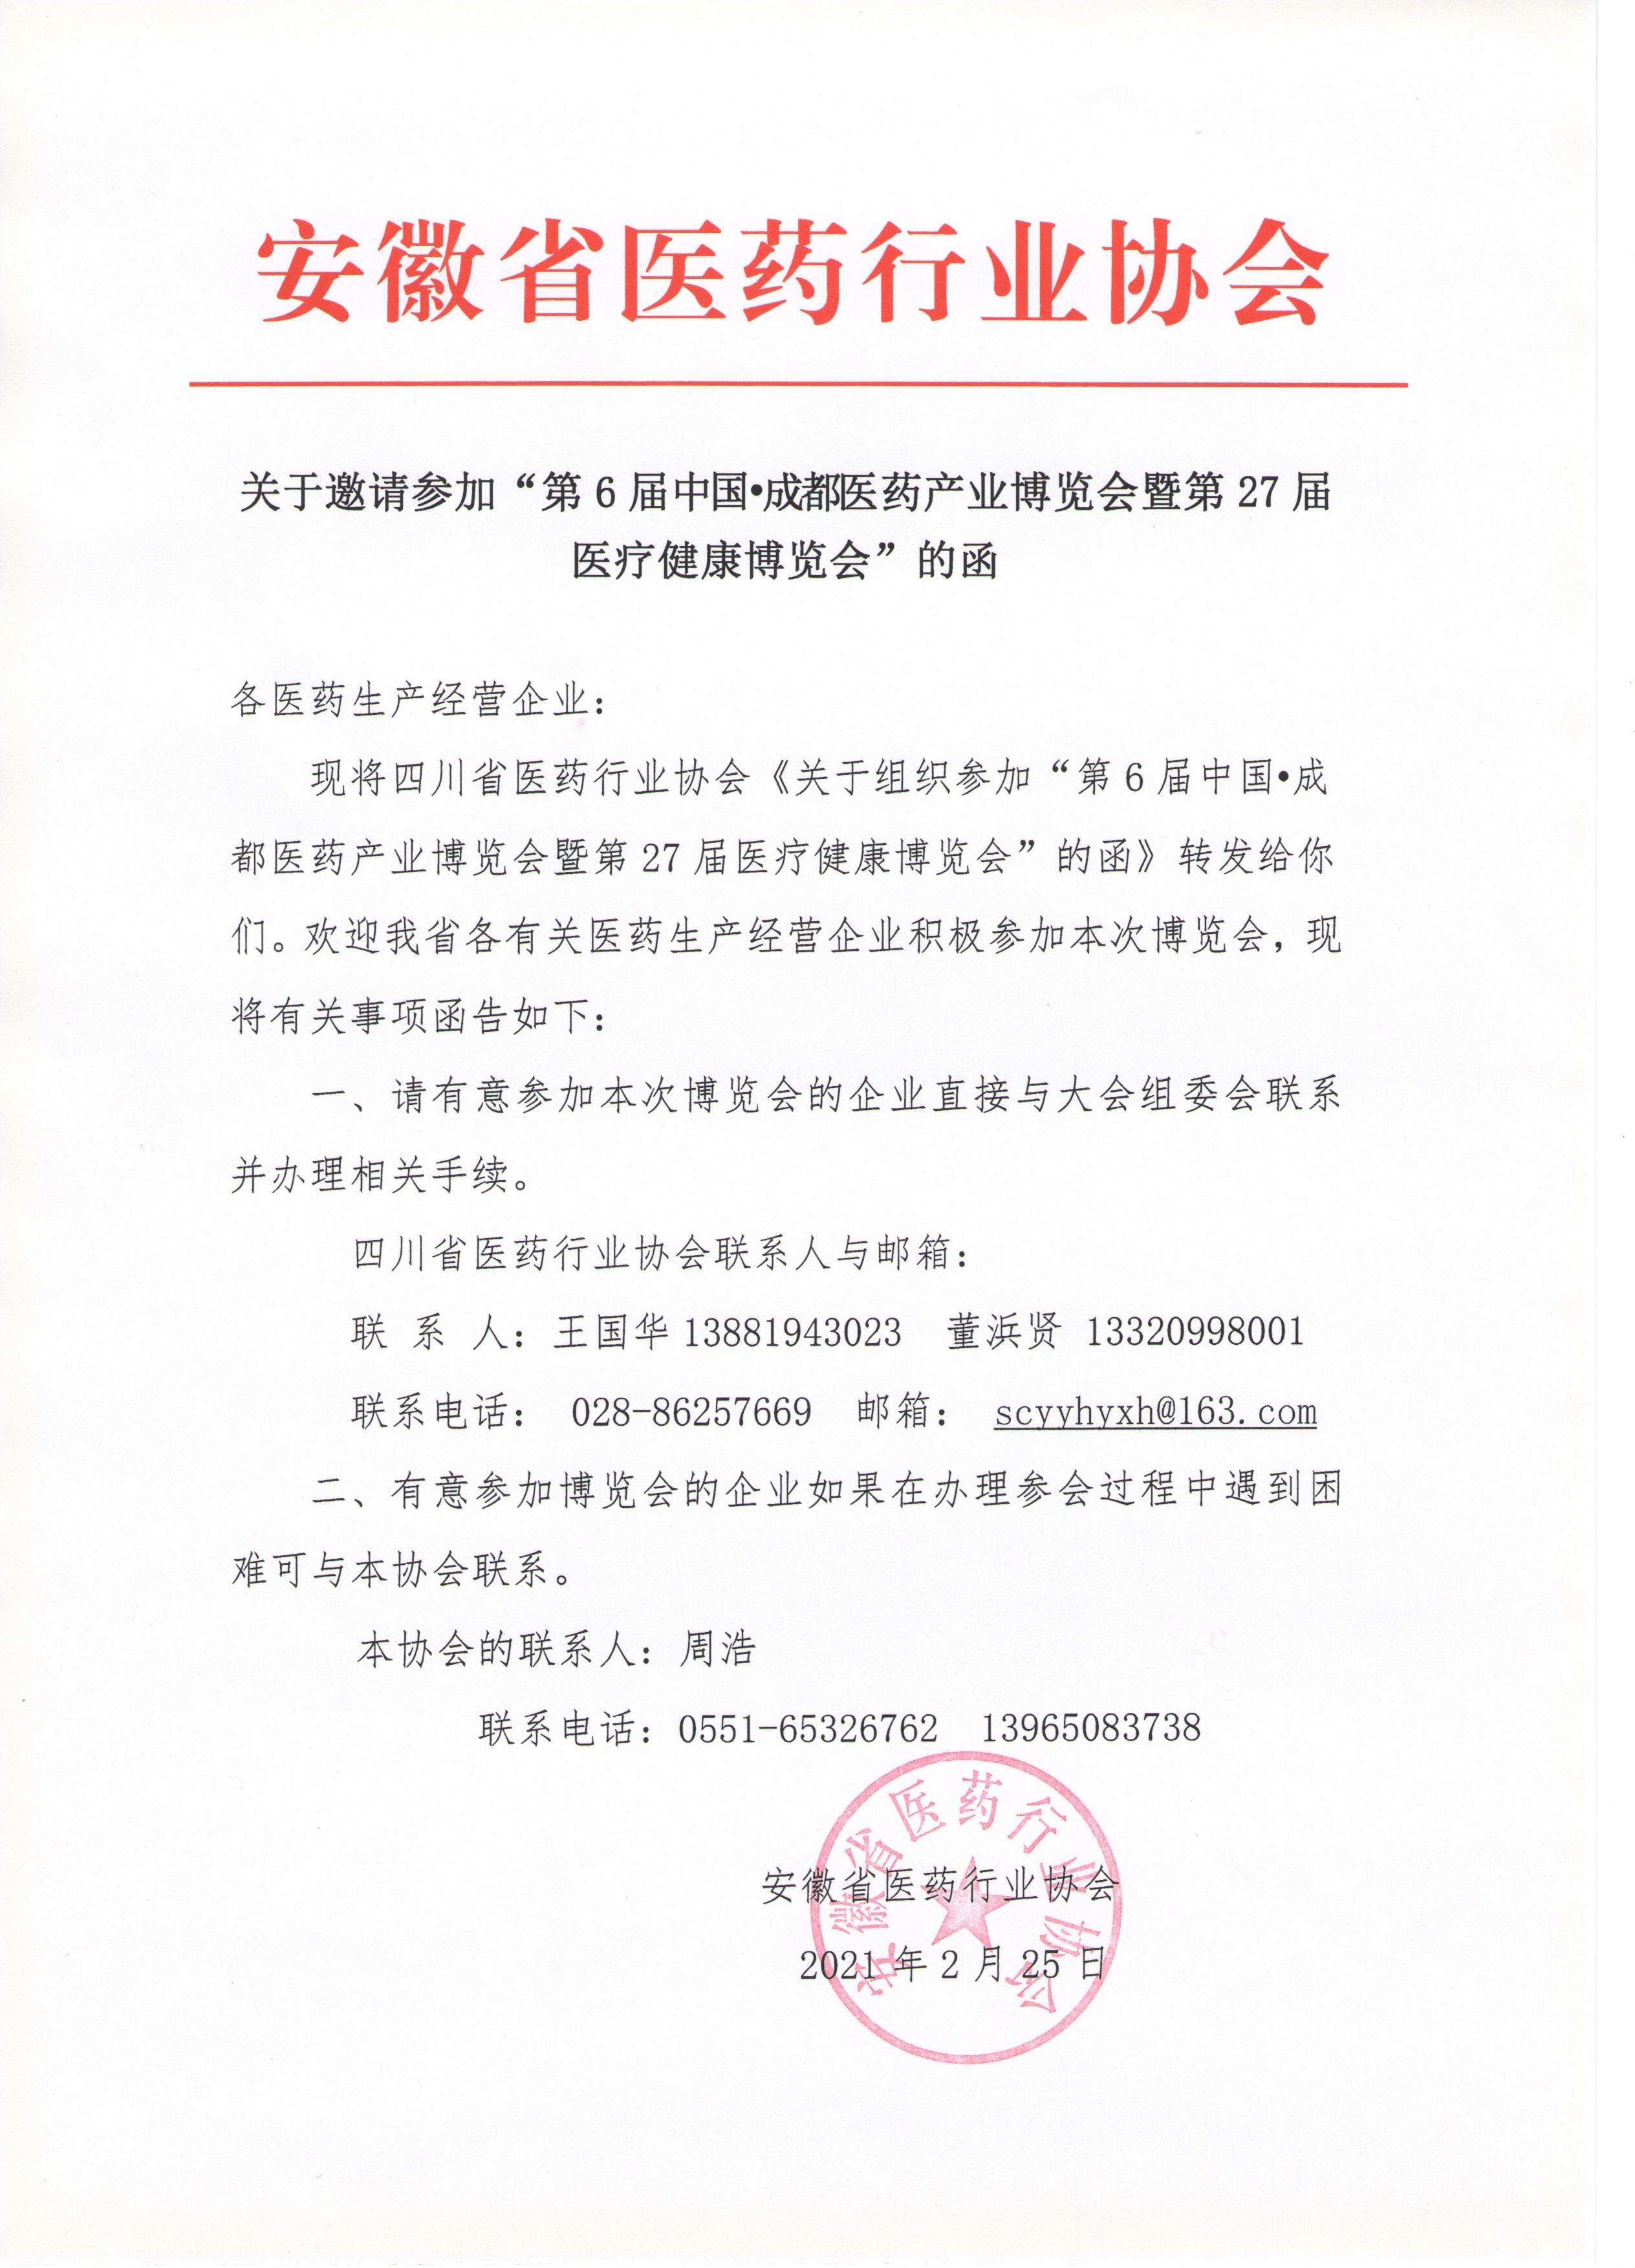 关于邀请参加第6届成都博览会的函2021-02-25.jpg